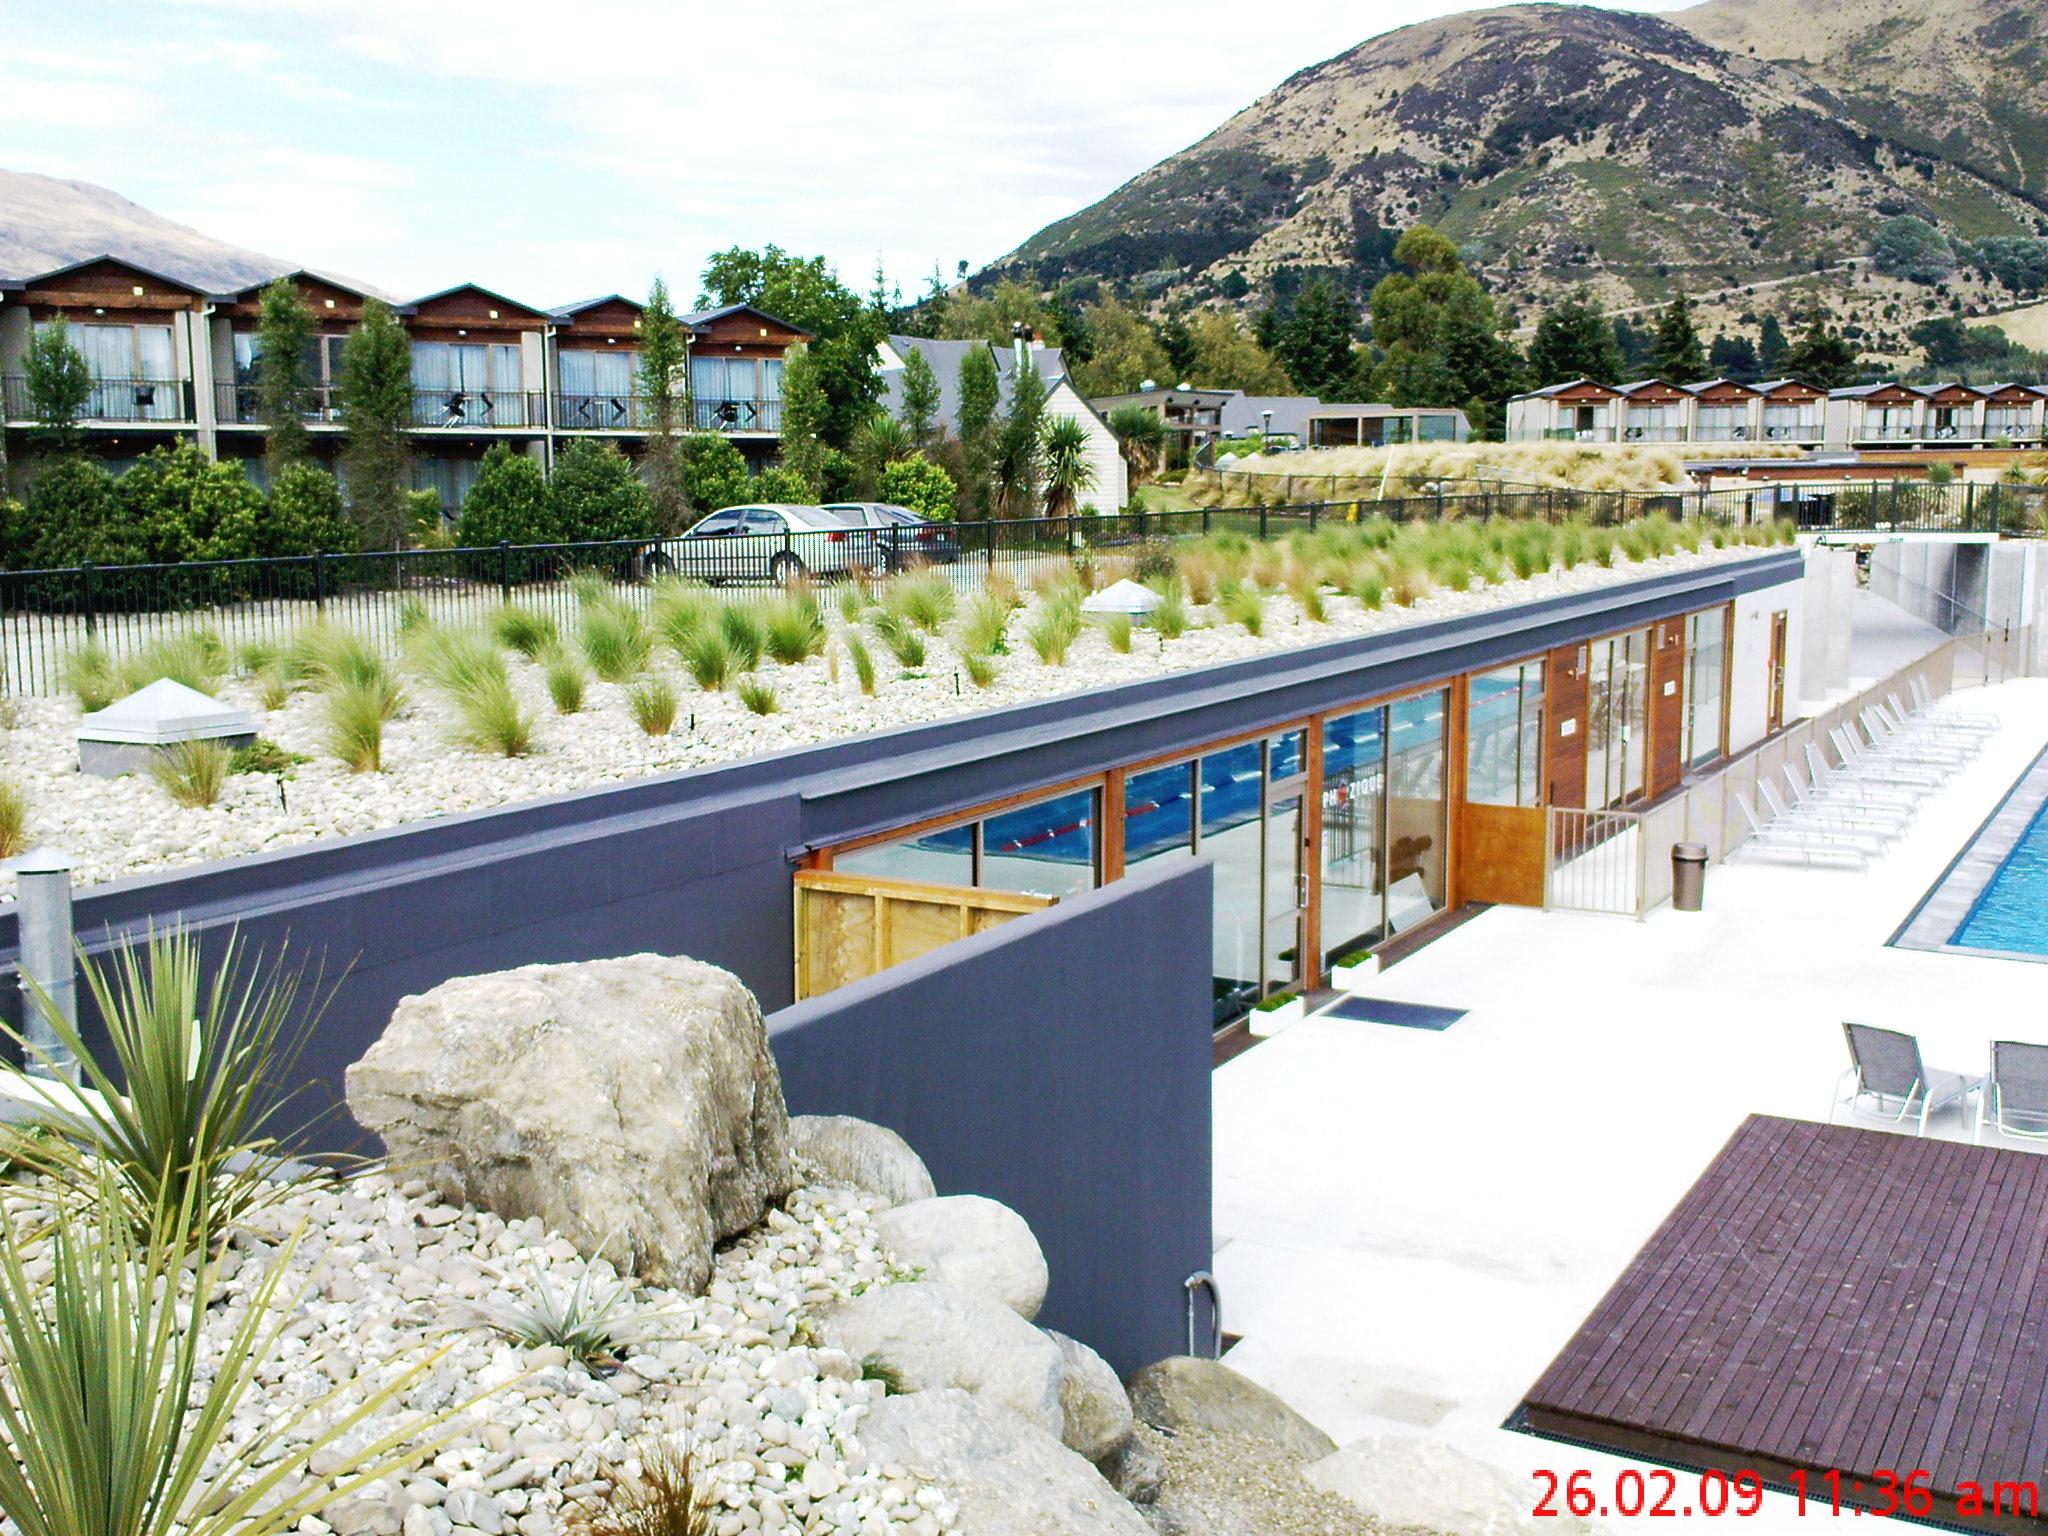 36 Oakridge Resort Wanaka photograph courtesy of Oakridge Resort and hyperlink www.oakridge.co.nz.jpg